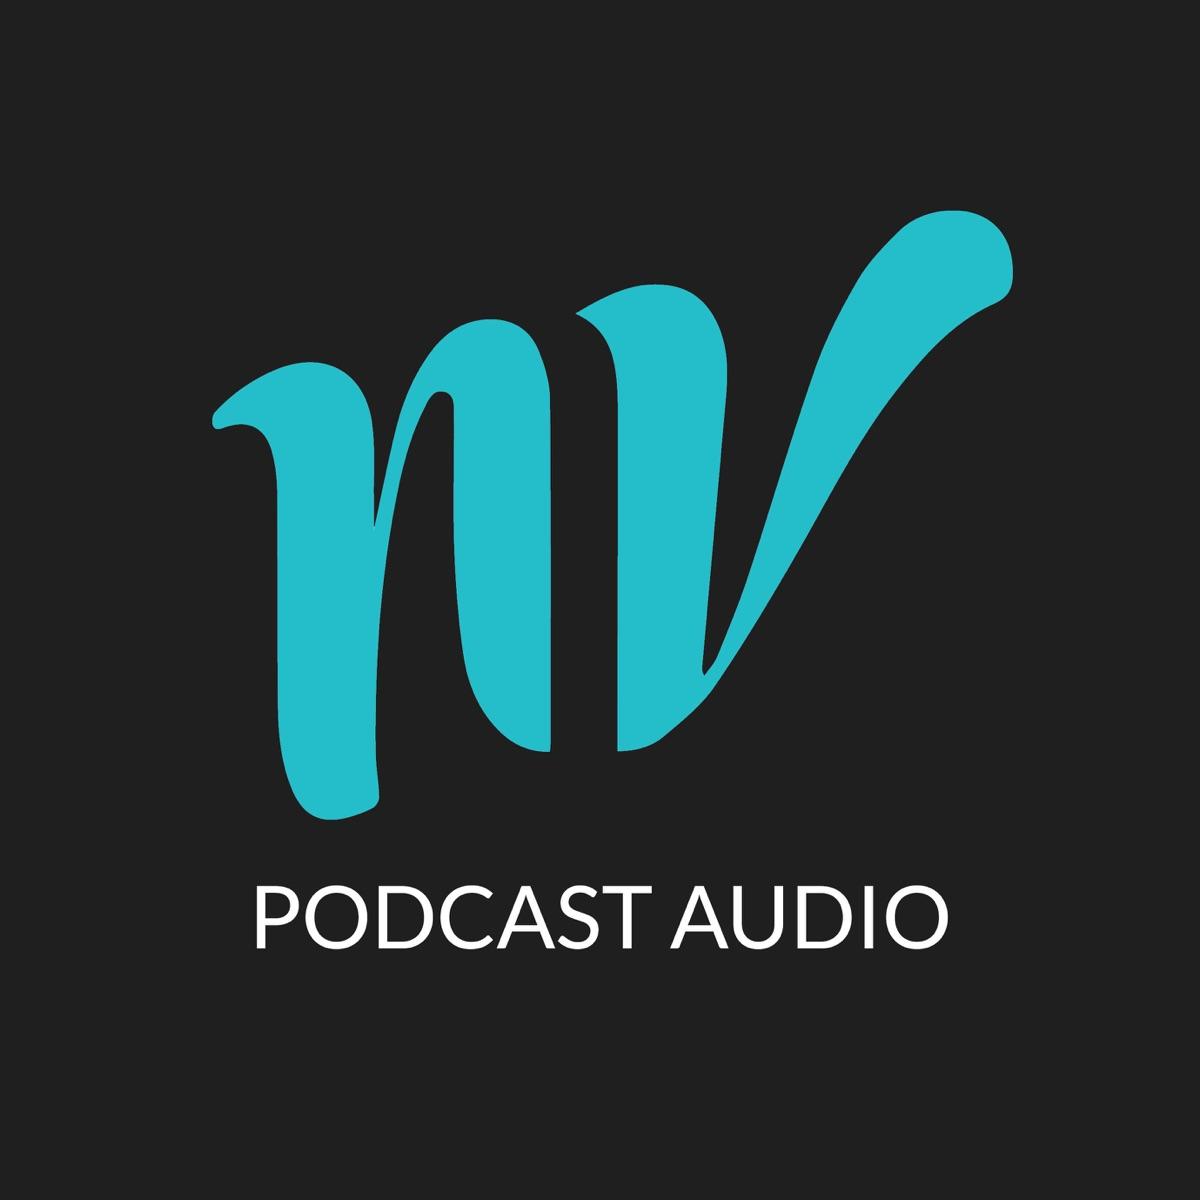 Église Nouvelle Vie | Podcast Audio